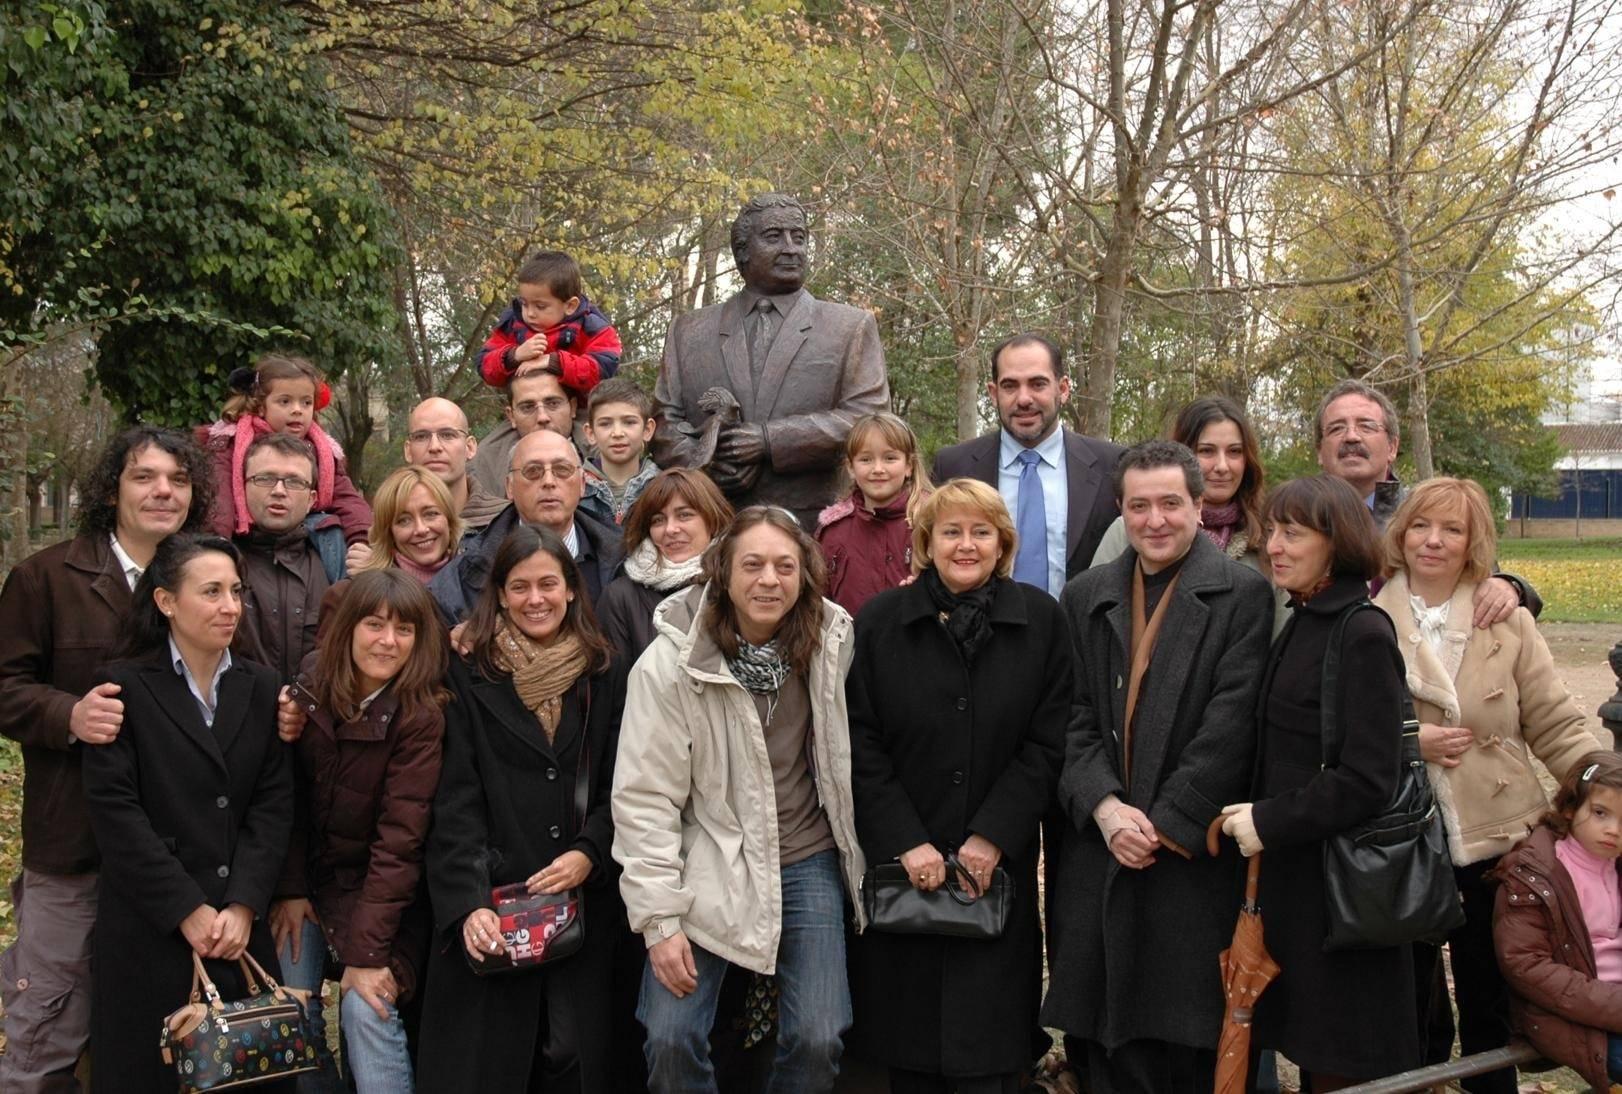 escultura ubeda3 - Agustín Úbeda ya tiene una escultura en el Parque Municipal de Herencia